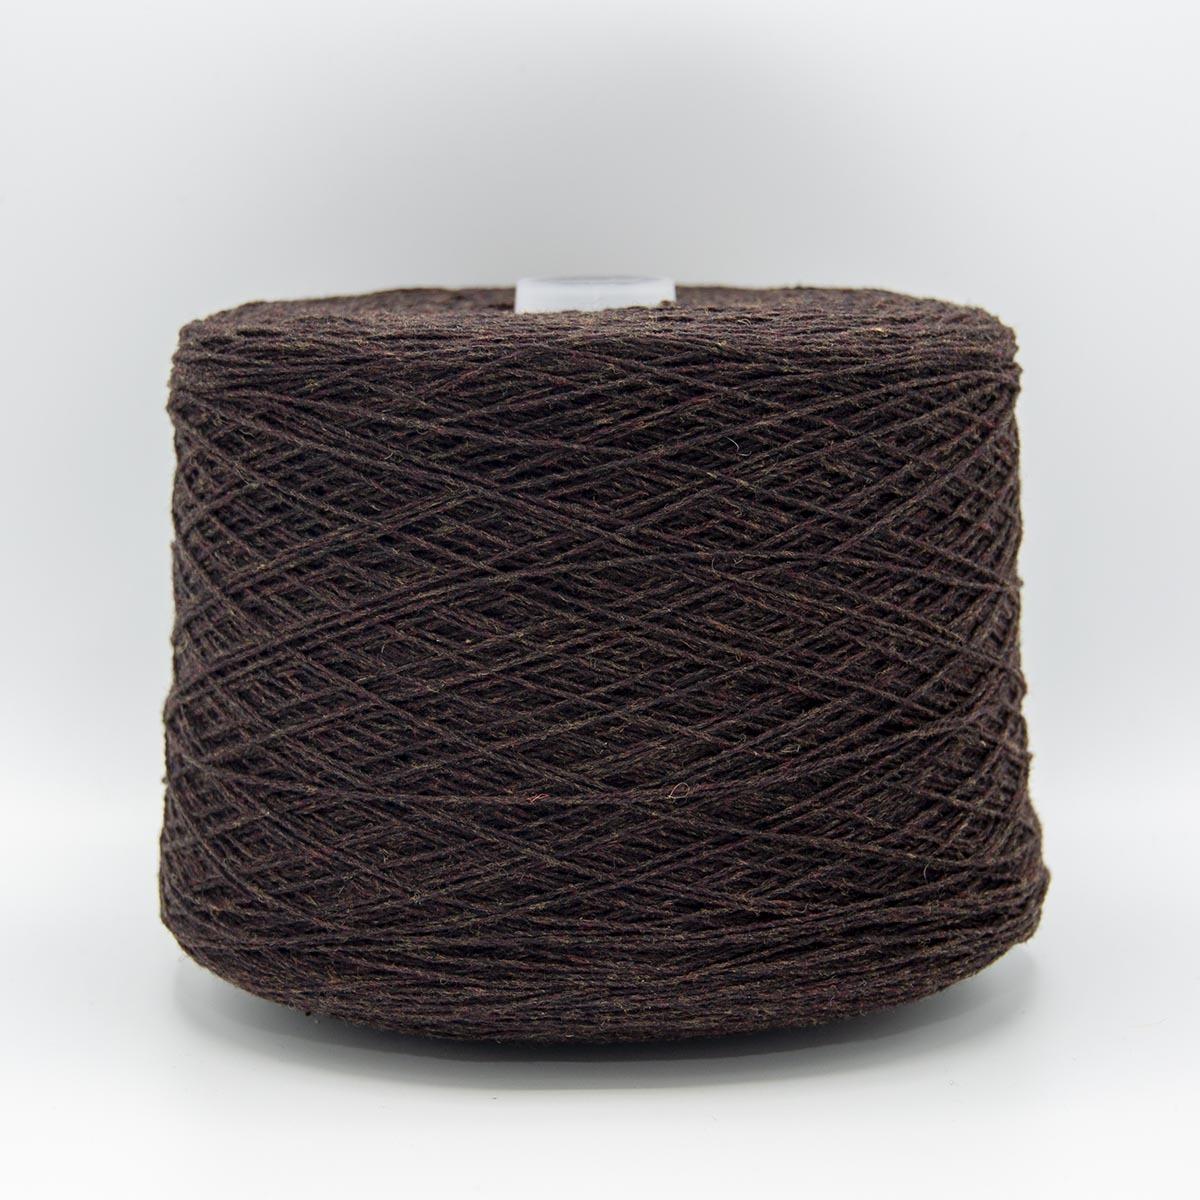 Knoll Yarns Lambswool - 298